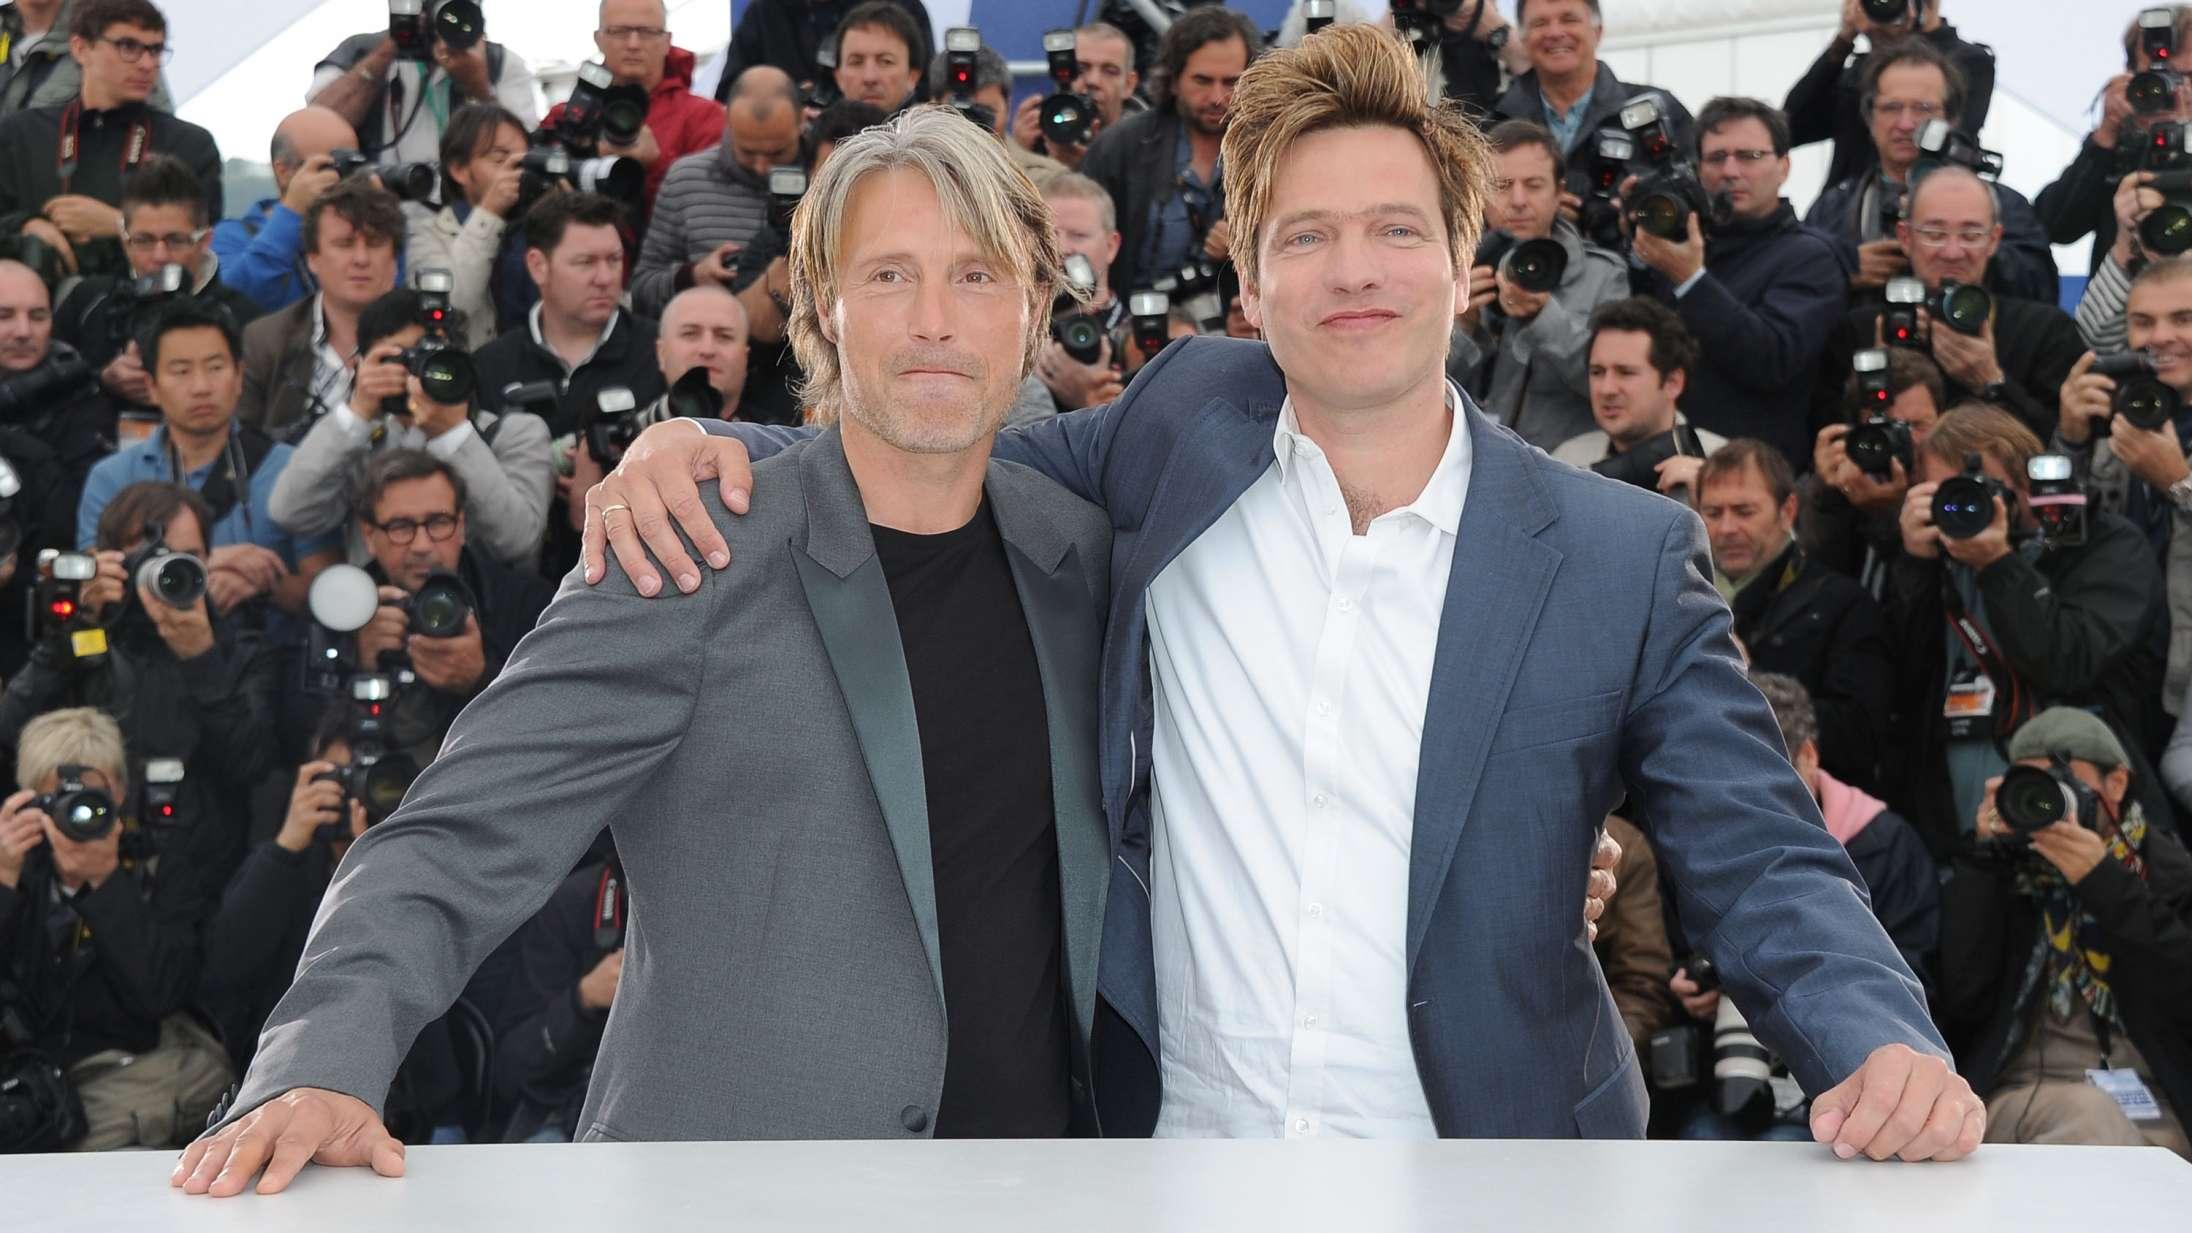 Bliver 'Druk' nomineret til en Oscar på mandag? Gør Mads Mikkelsen?